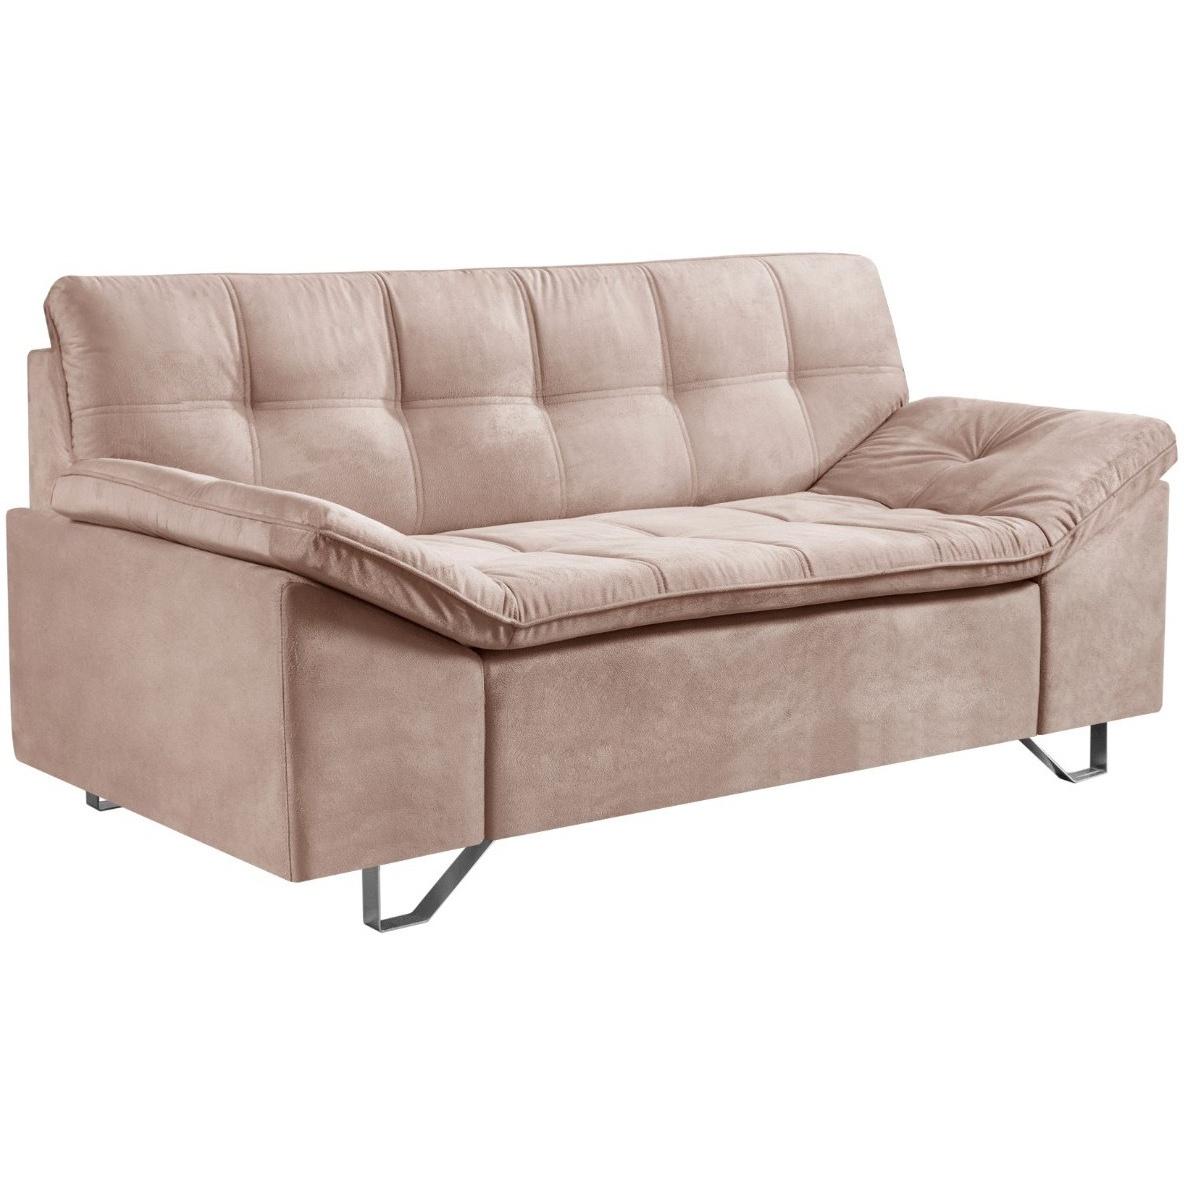 Sofa 2 Lugares Luminar Veludo Bege 175 cm - Estofart